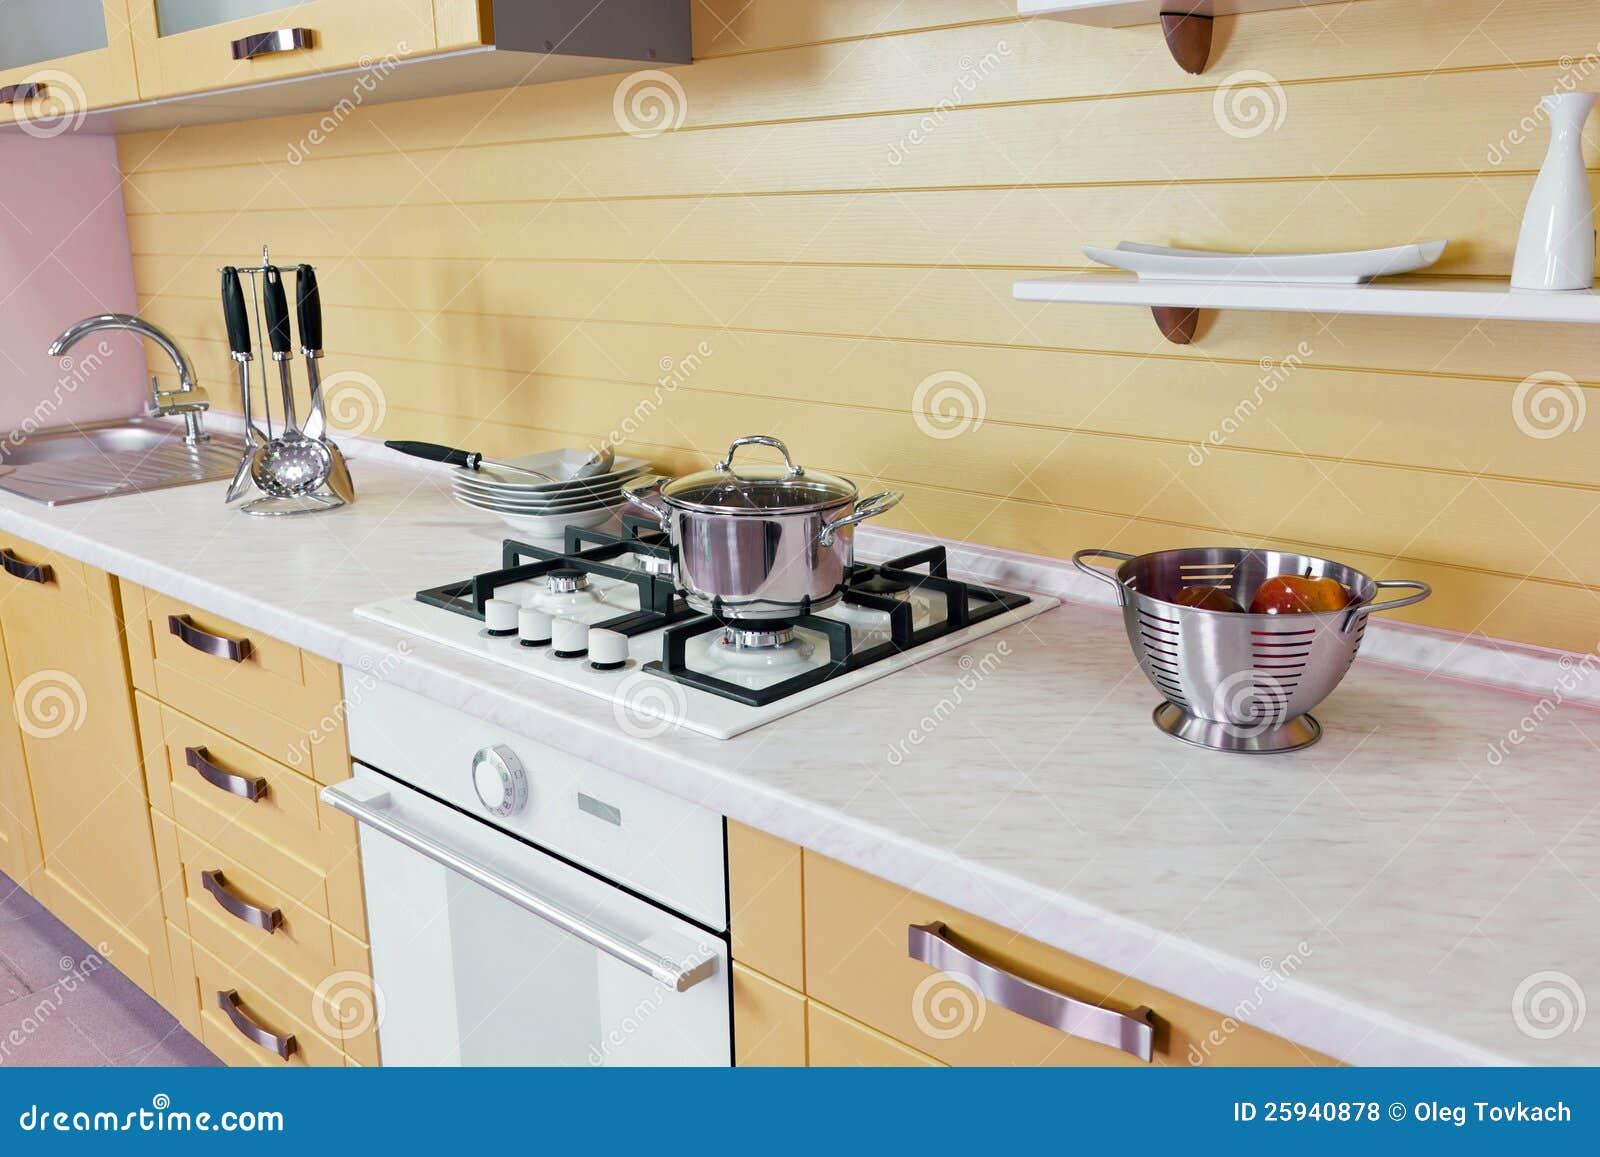 Geel De Keuken : Geel wit keuken modern binnenland stock foto afbeelding